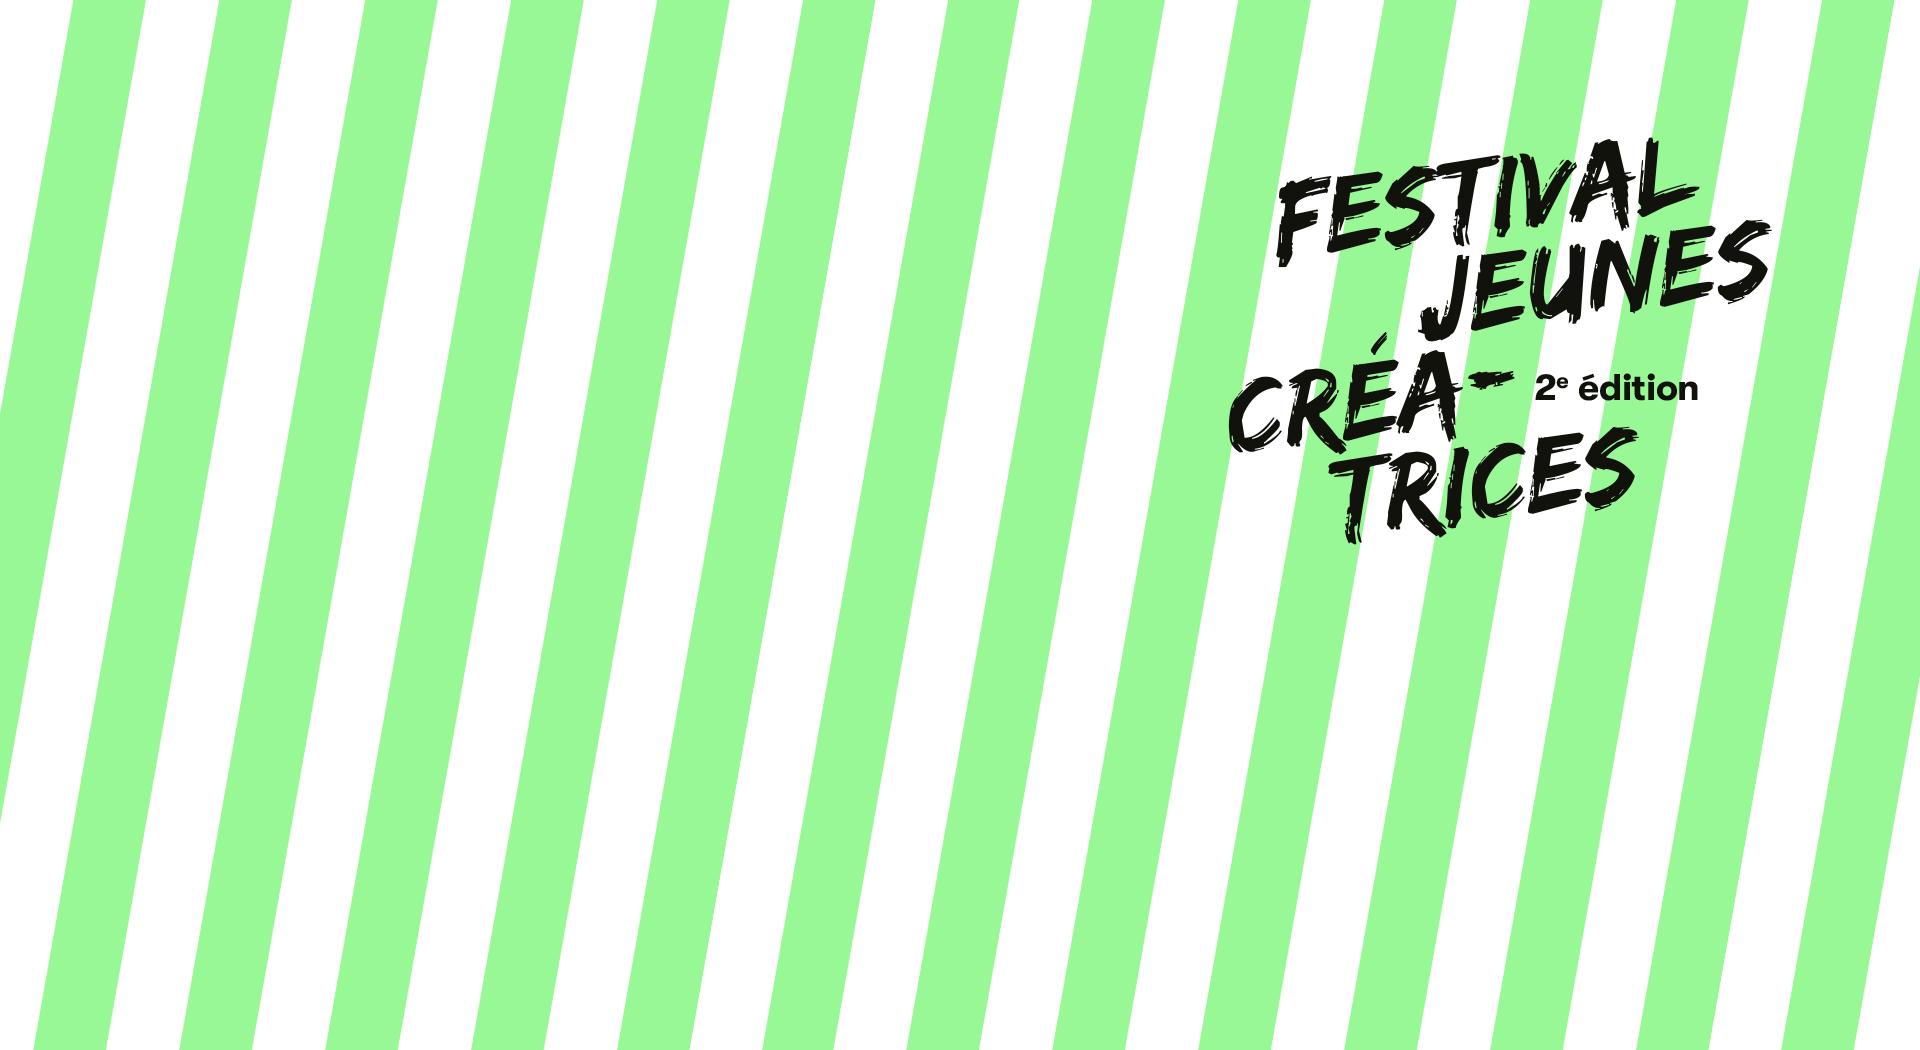 Festival jeunes créatrices – 2e édition